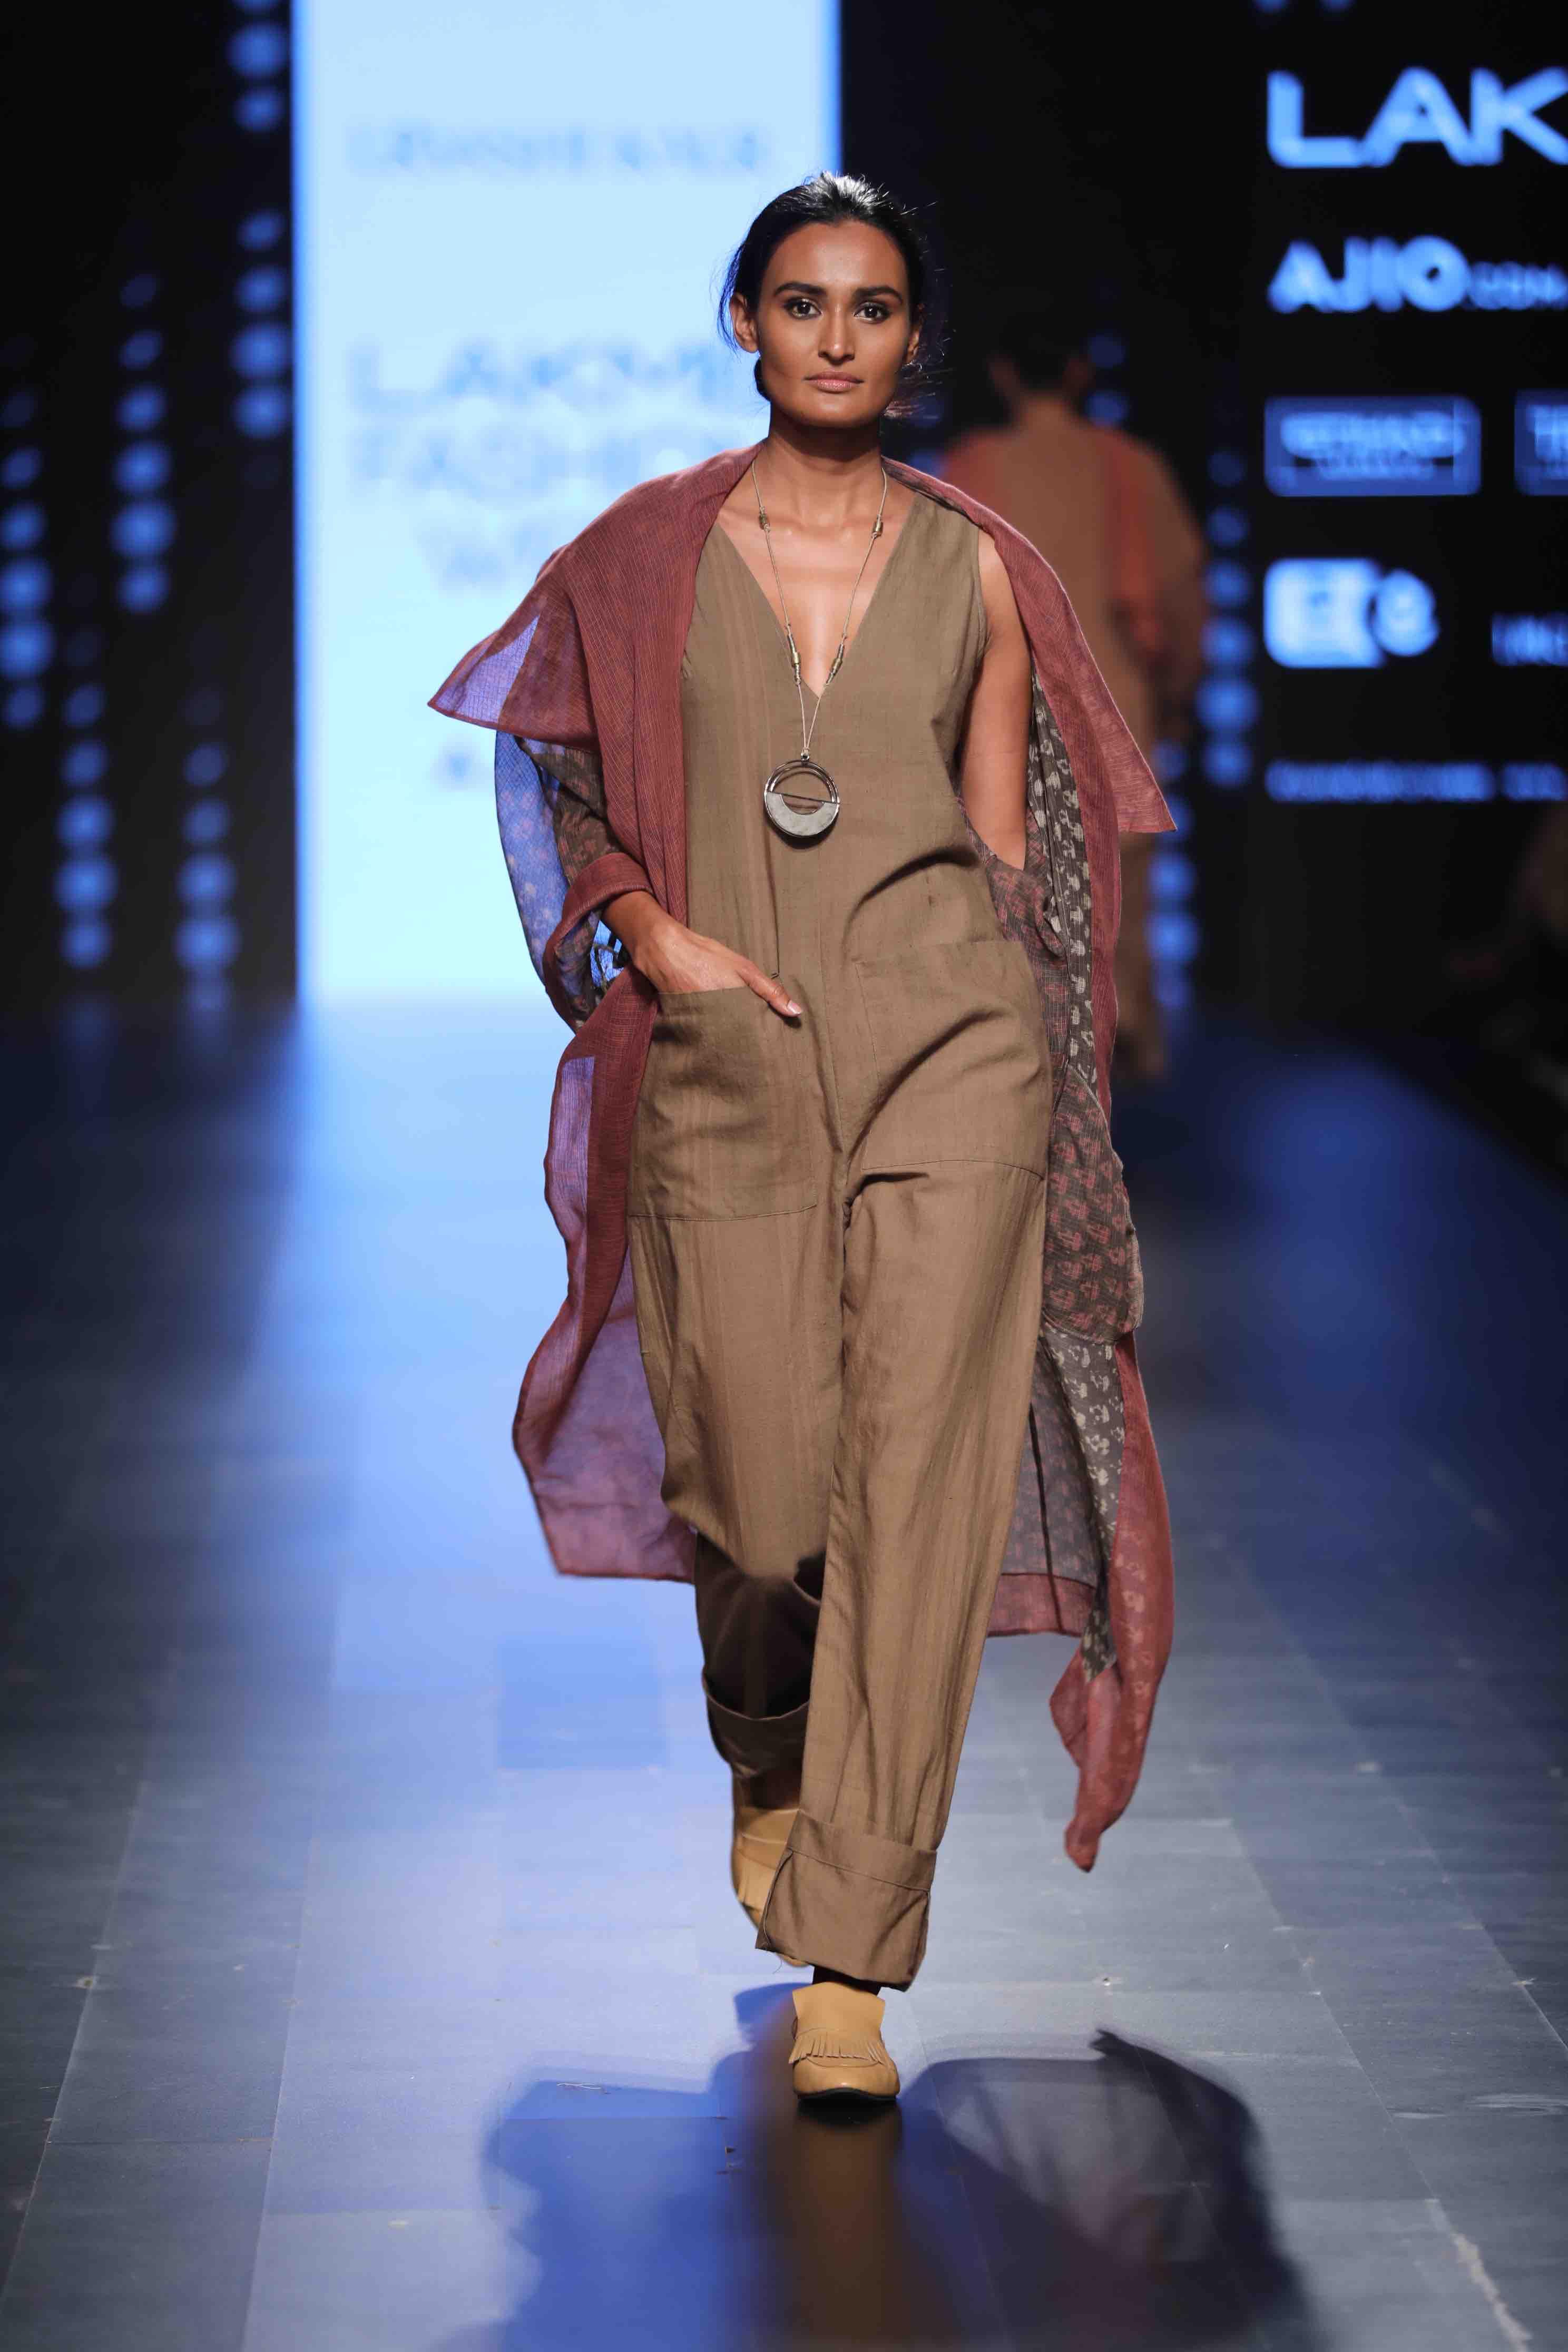 VASA by Urvashi Kaur - Lakmé Fashion Week Summer/Resort 2017